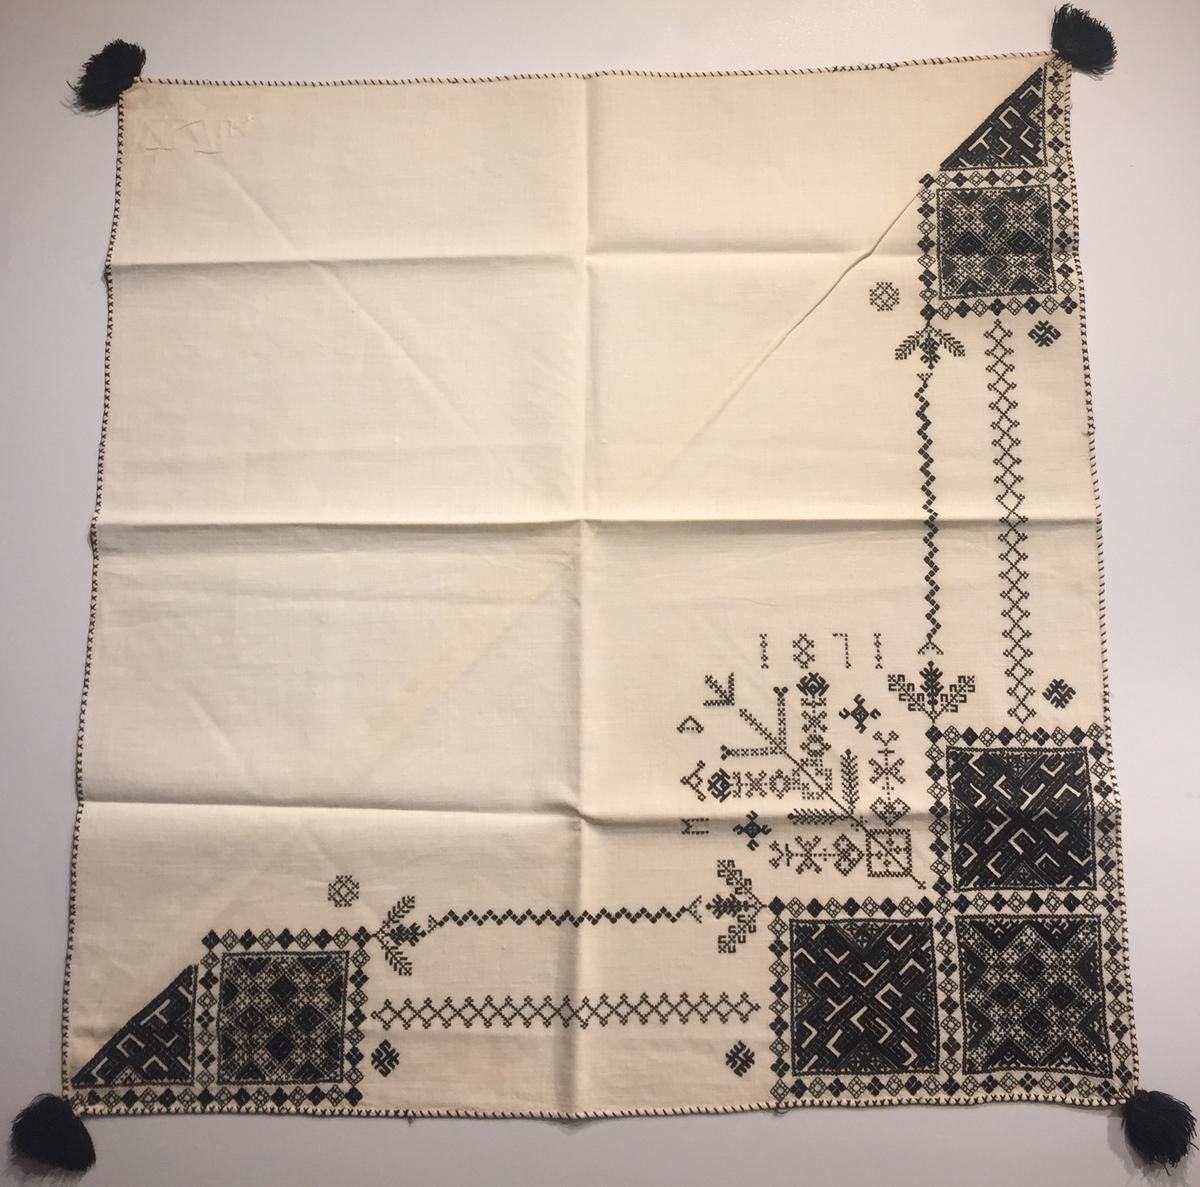 Geometriskt mönster i kvadrater i hörnen, två bårder mellan kvadraterna på ryggsnibb och framsnibbar. På ryggsnibben tre kvadrater och en rikt dekorerad majstångsspira samt märkning med årtal och initialer. På varje framsnibb en kvadrat och en trekant. Åtta ornament.